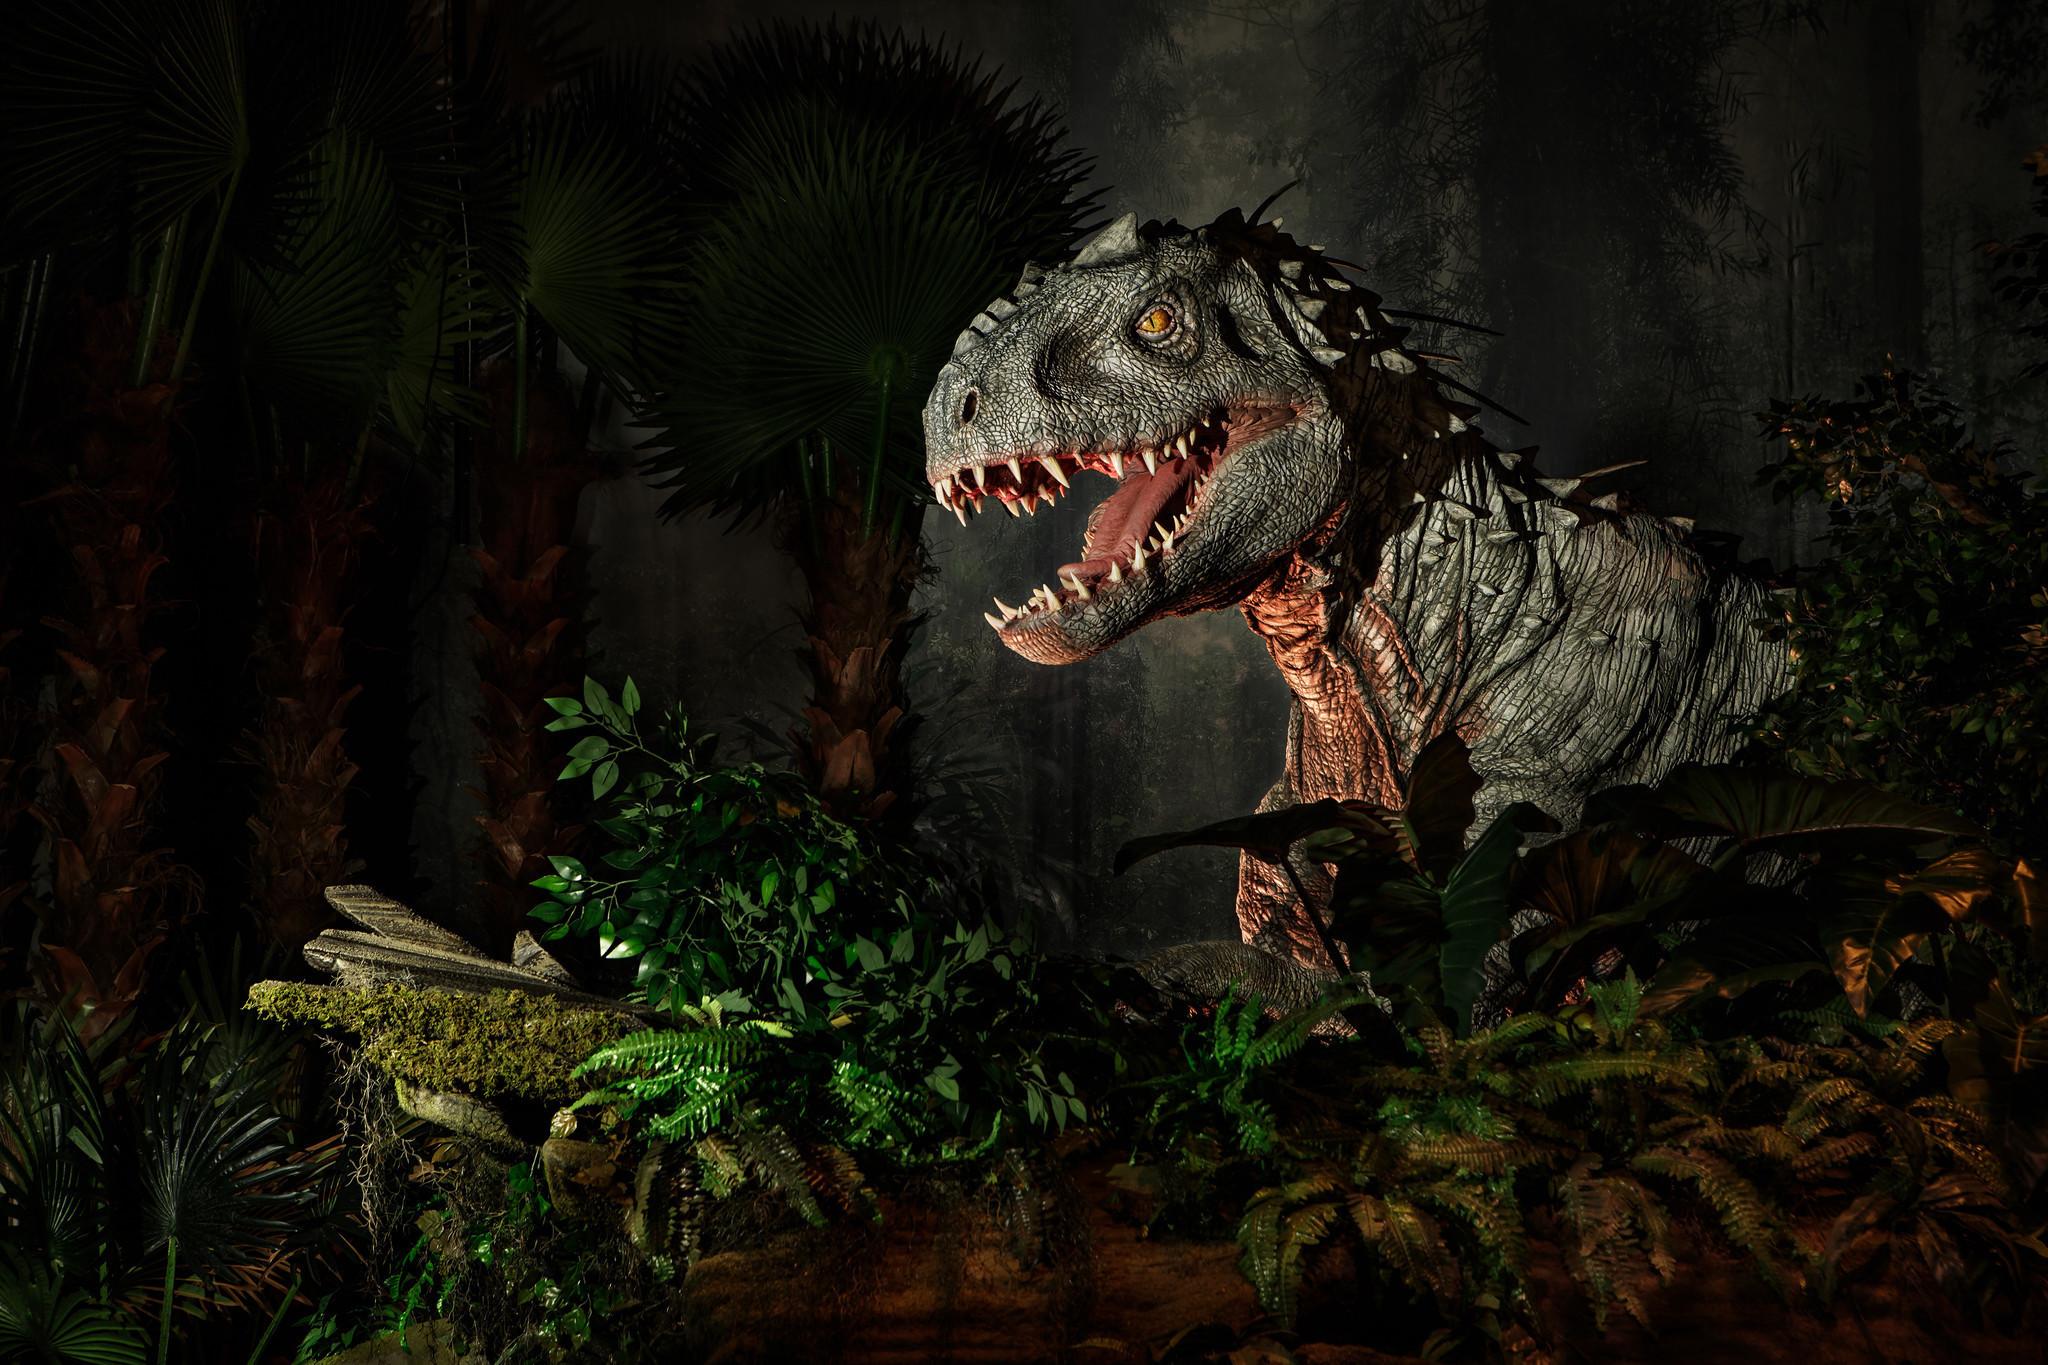 blockbuster jurassic world exhibition will bring dinosaur park to